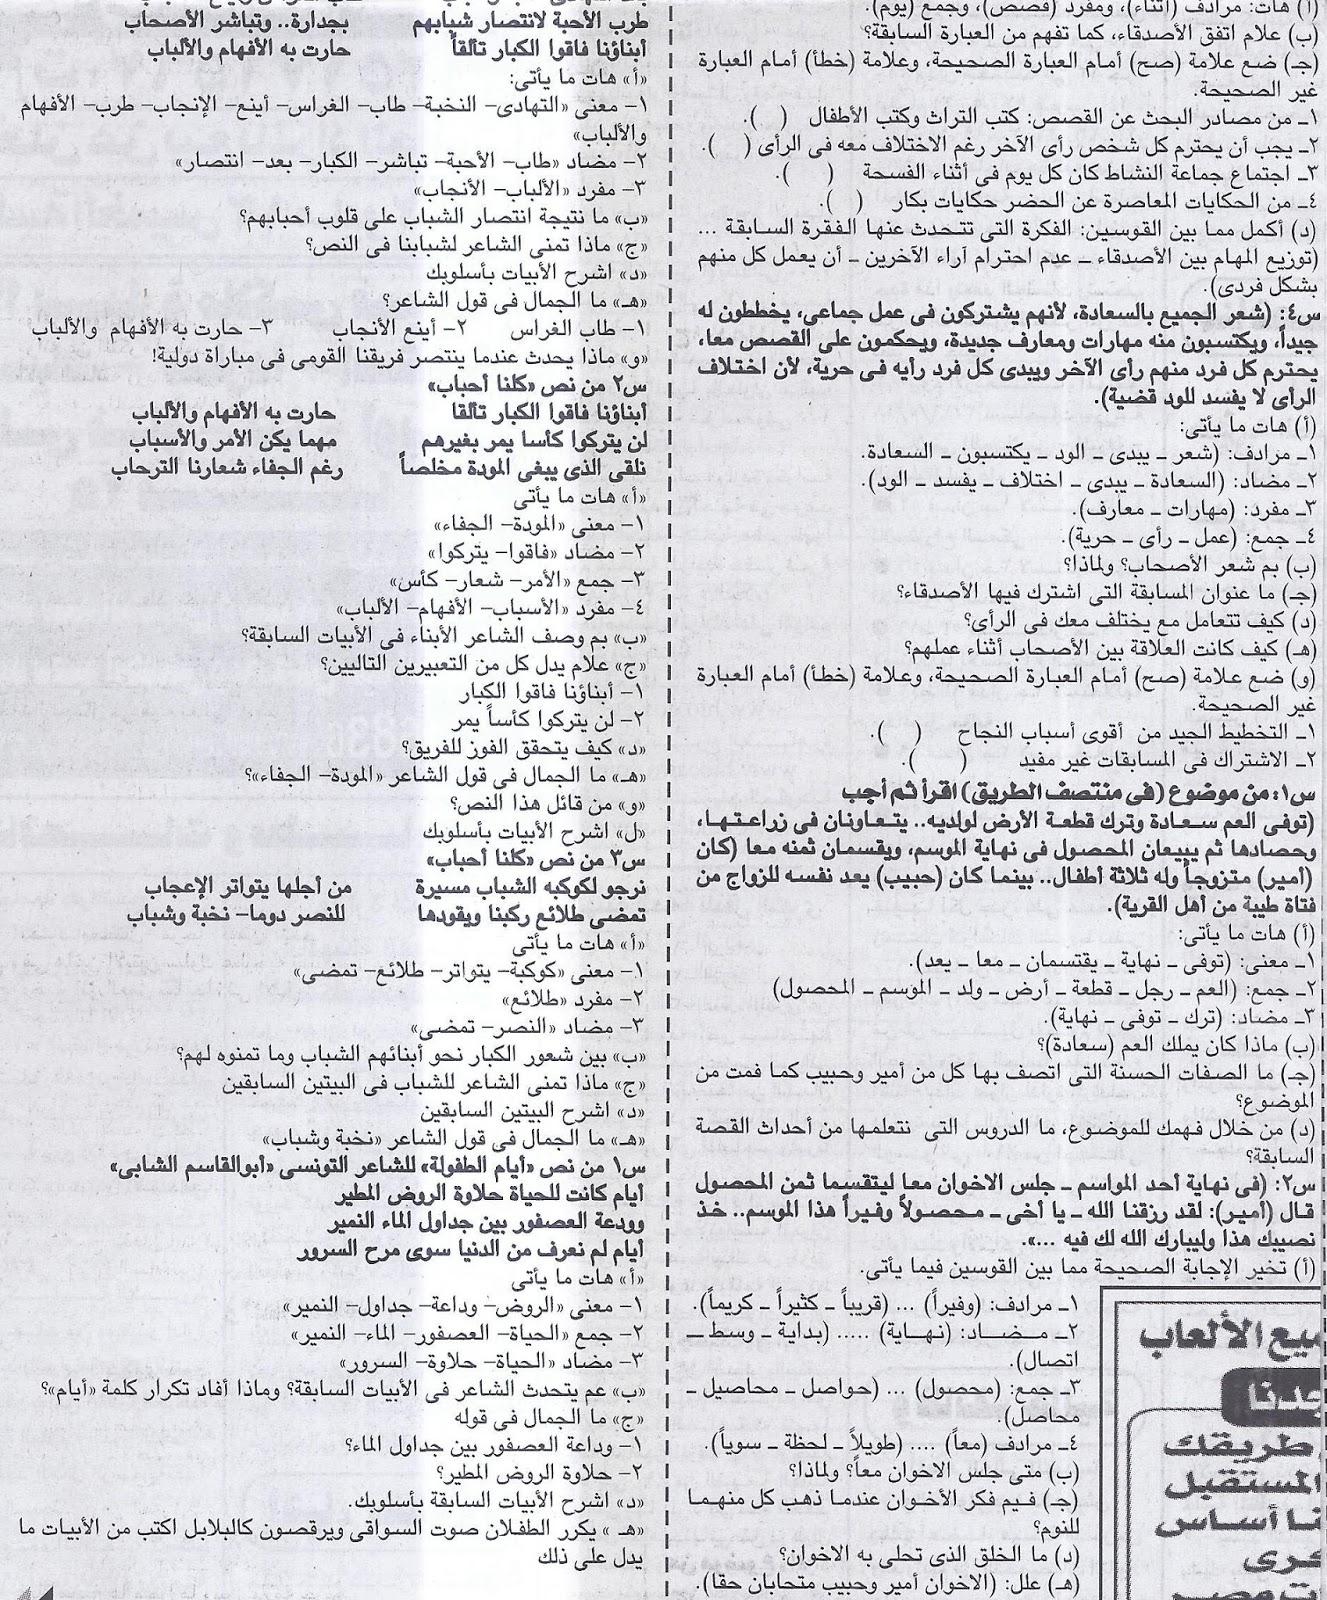 بنك سؤال وجواب لغة عربية الشهادة الابتدائية لن يخرج عنة امتحان اخر العام - ملحق الجمهورية 7/5/2016 4